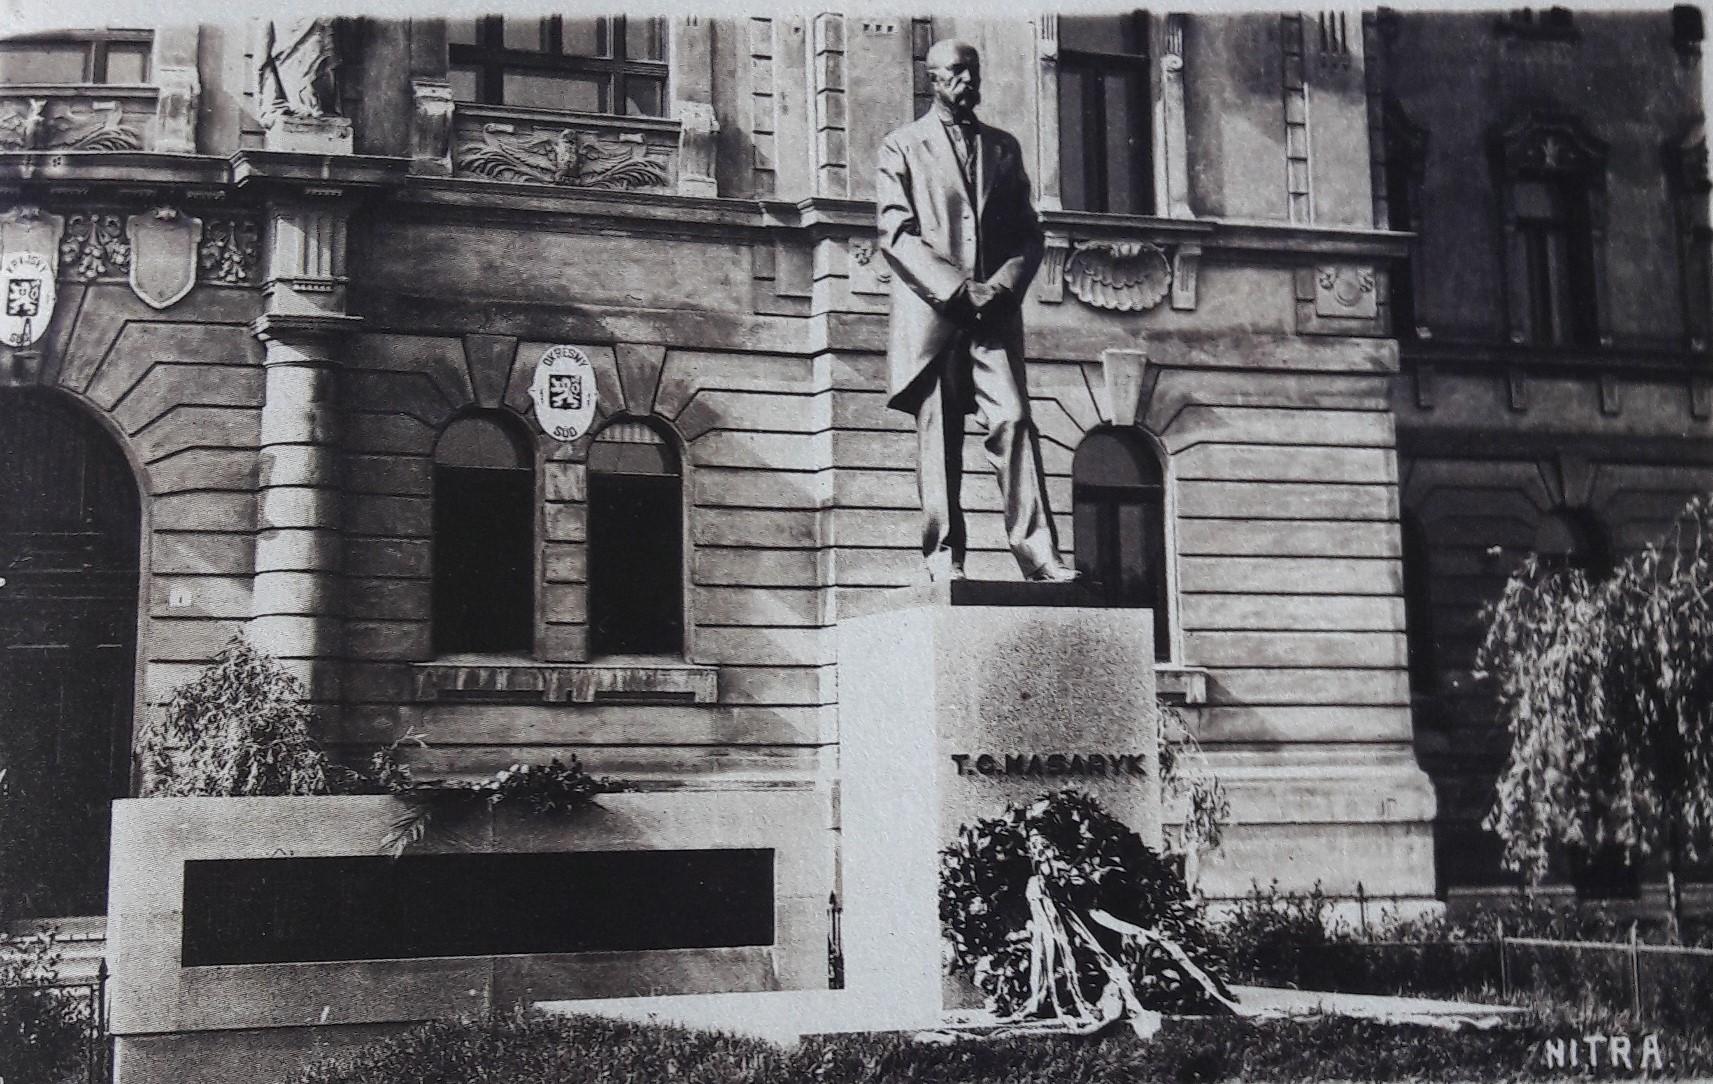 Socha_Tomáša_Garriqua_Masaryka_pred_budovou_súdu_okolo_roku_1930